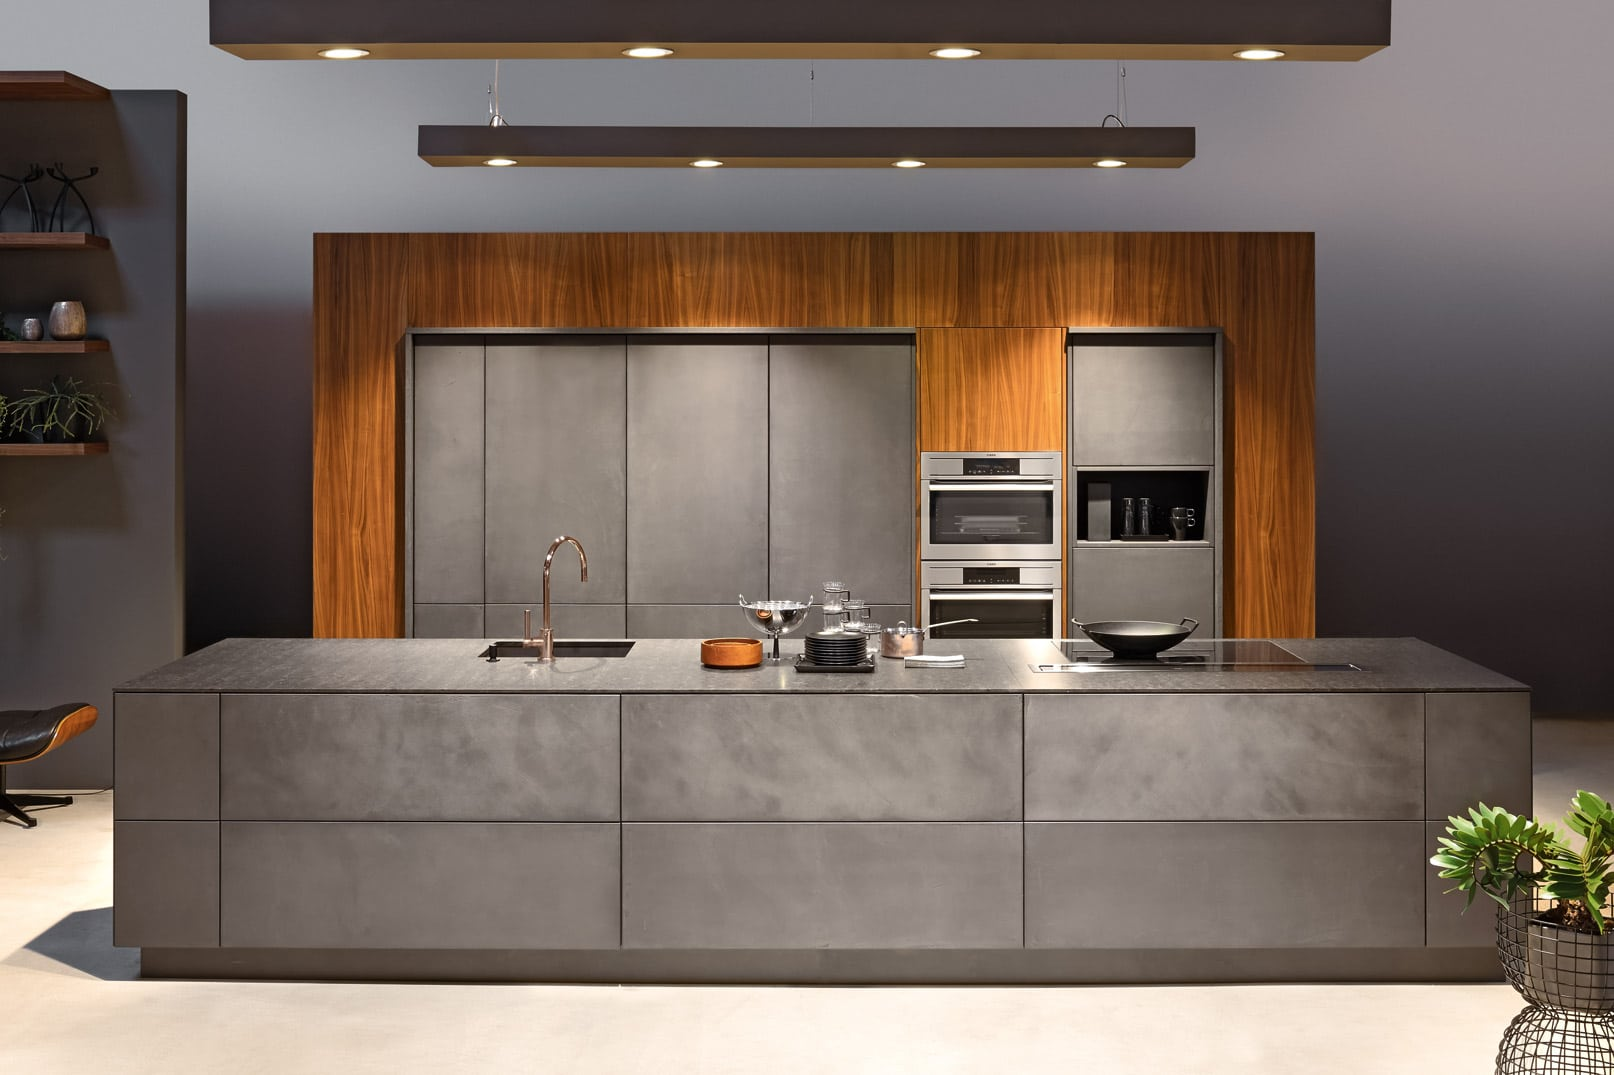 Ein absolut starkes Designhighlight zur grauen Steinoberfläche dieser Küche ist die Vertafelung aus Kirschholz als Kontrast. (Foto: KH Systemmöbel/ Beste Küchen)